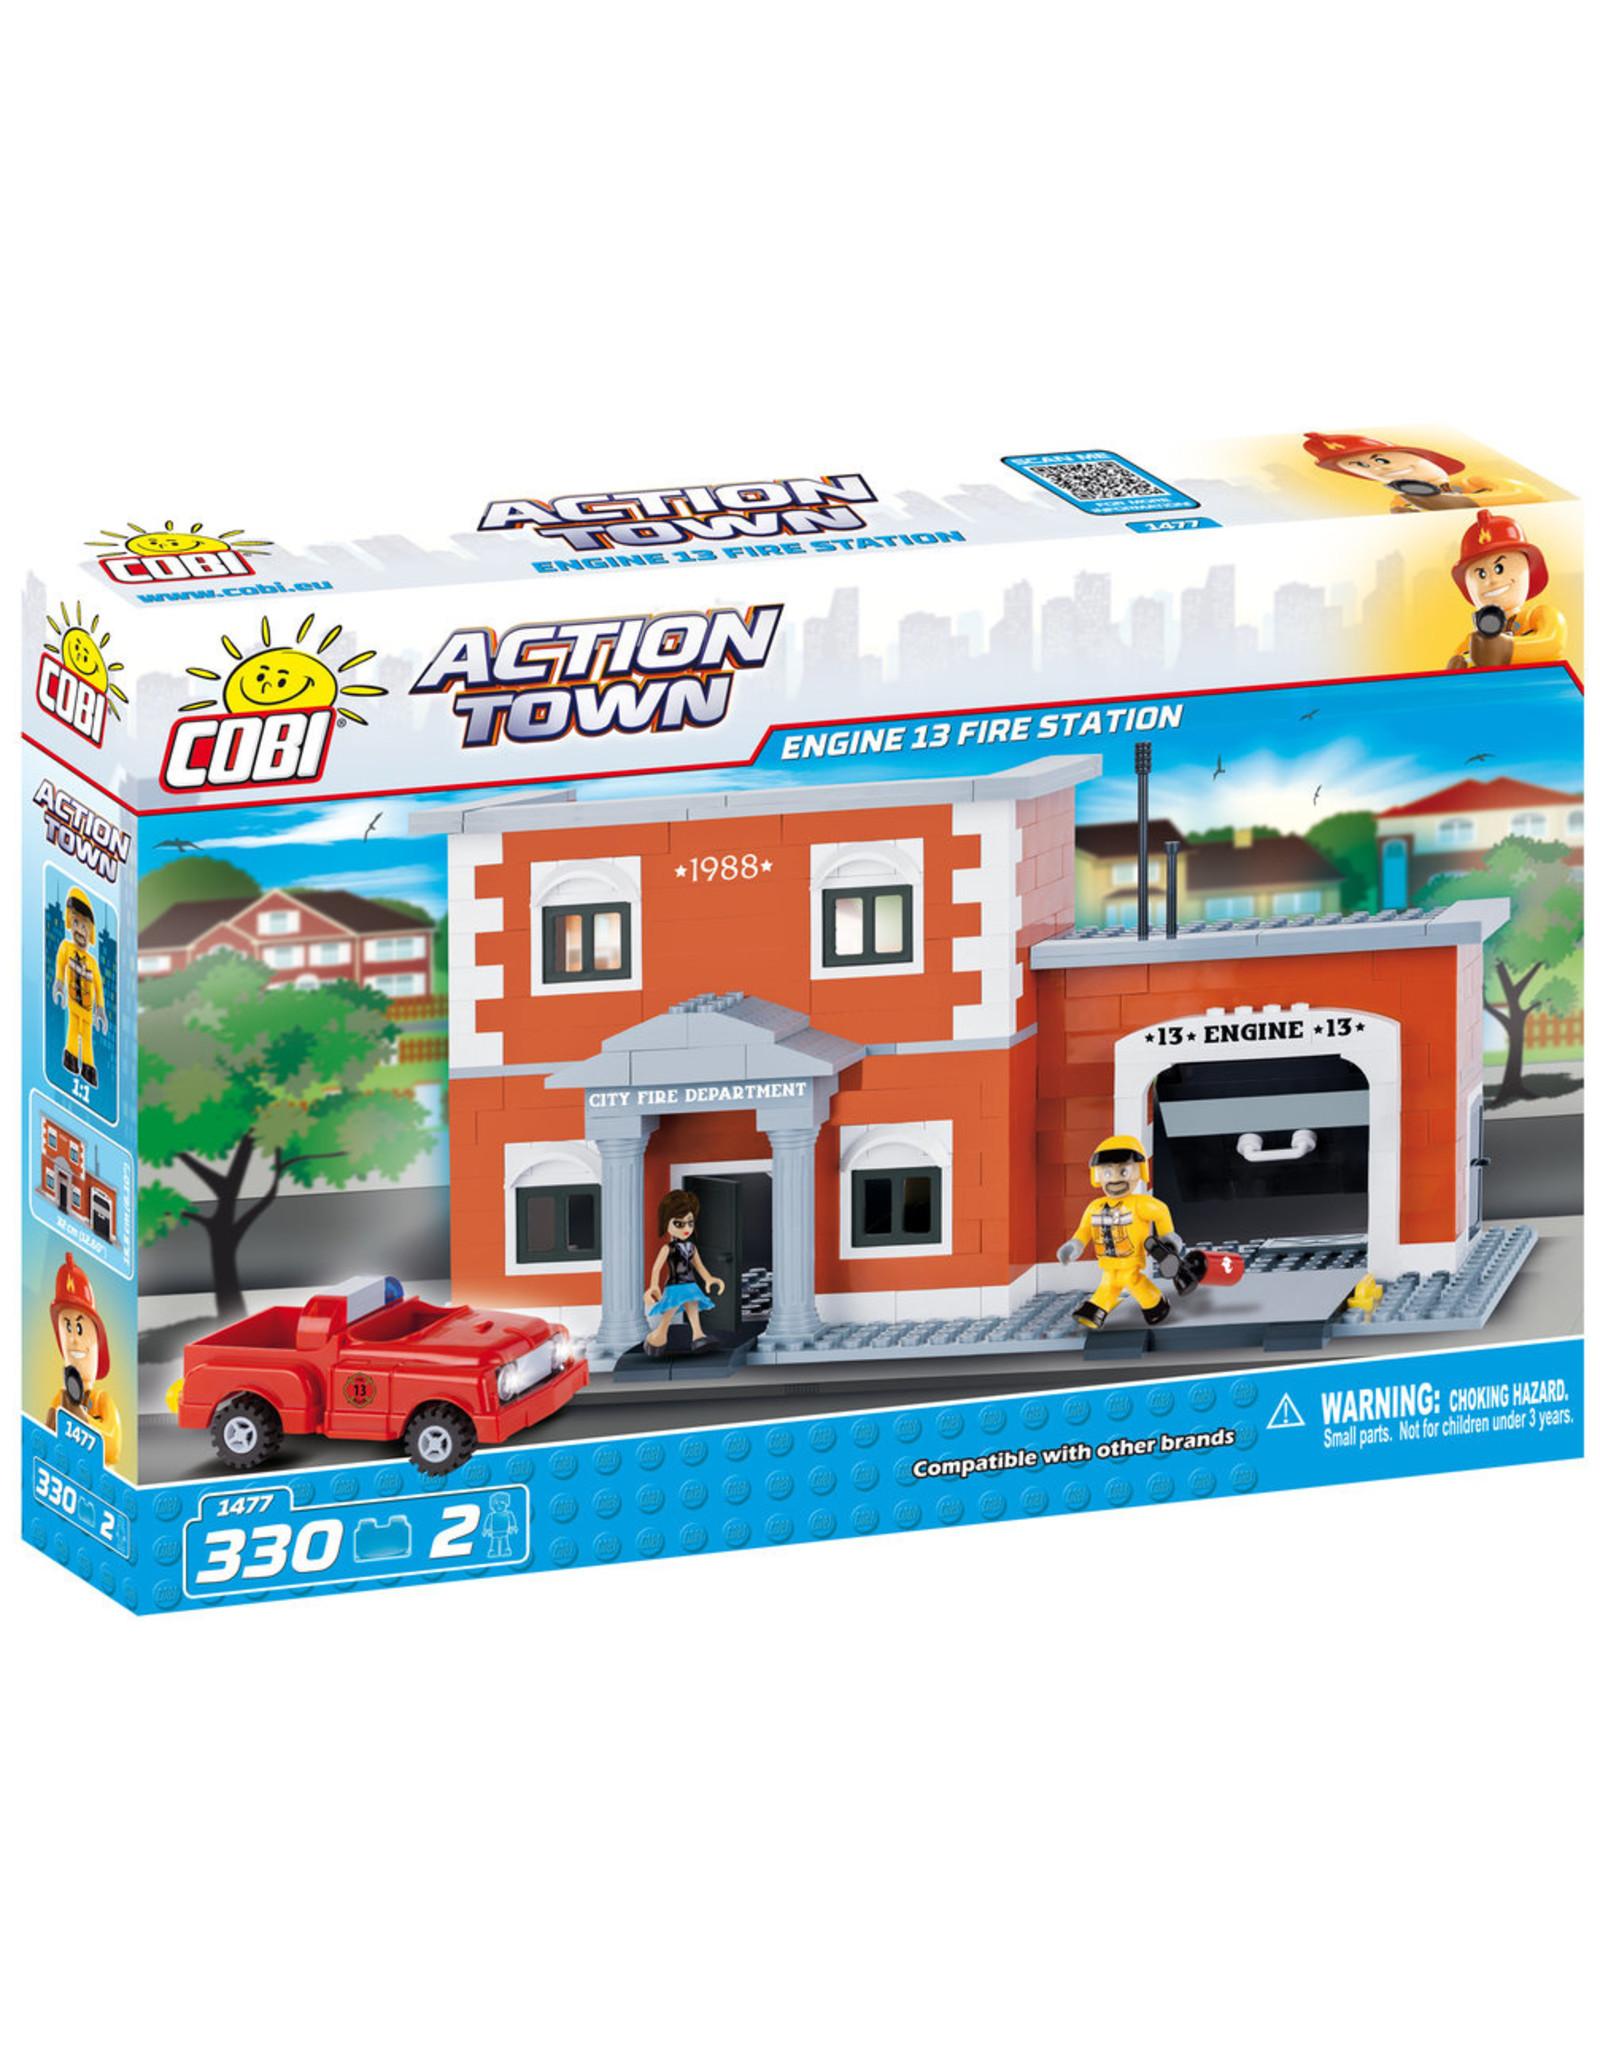 COBI COBI Action Town 1477 - Feuerwache